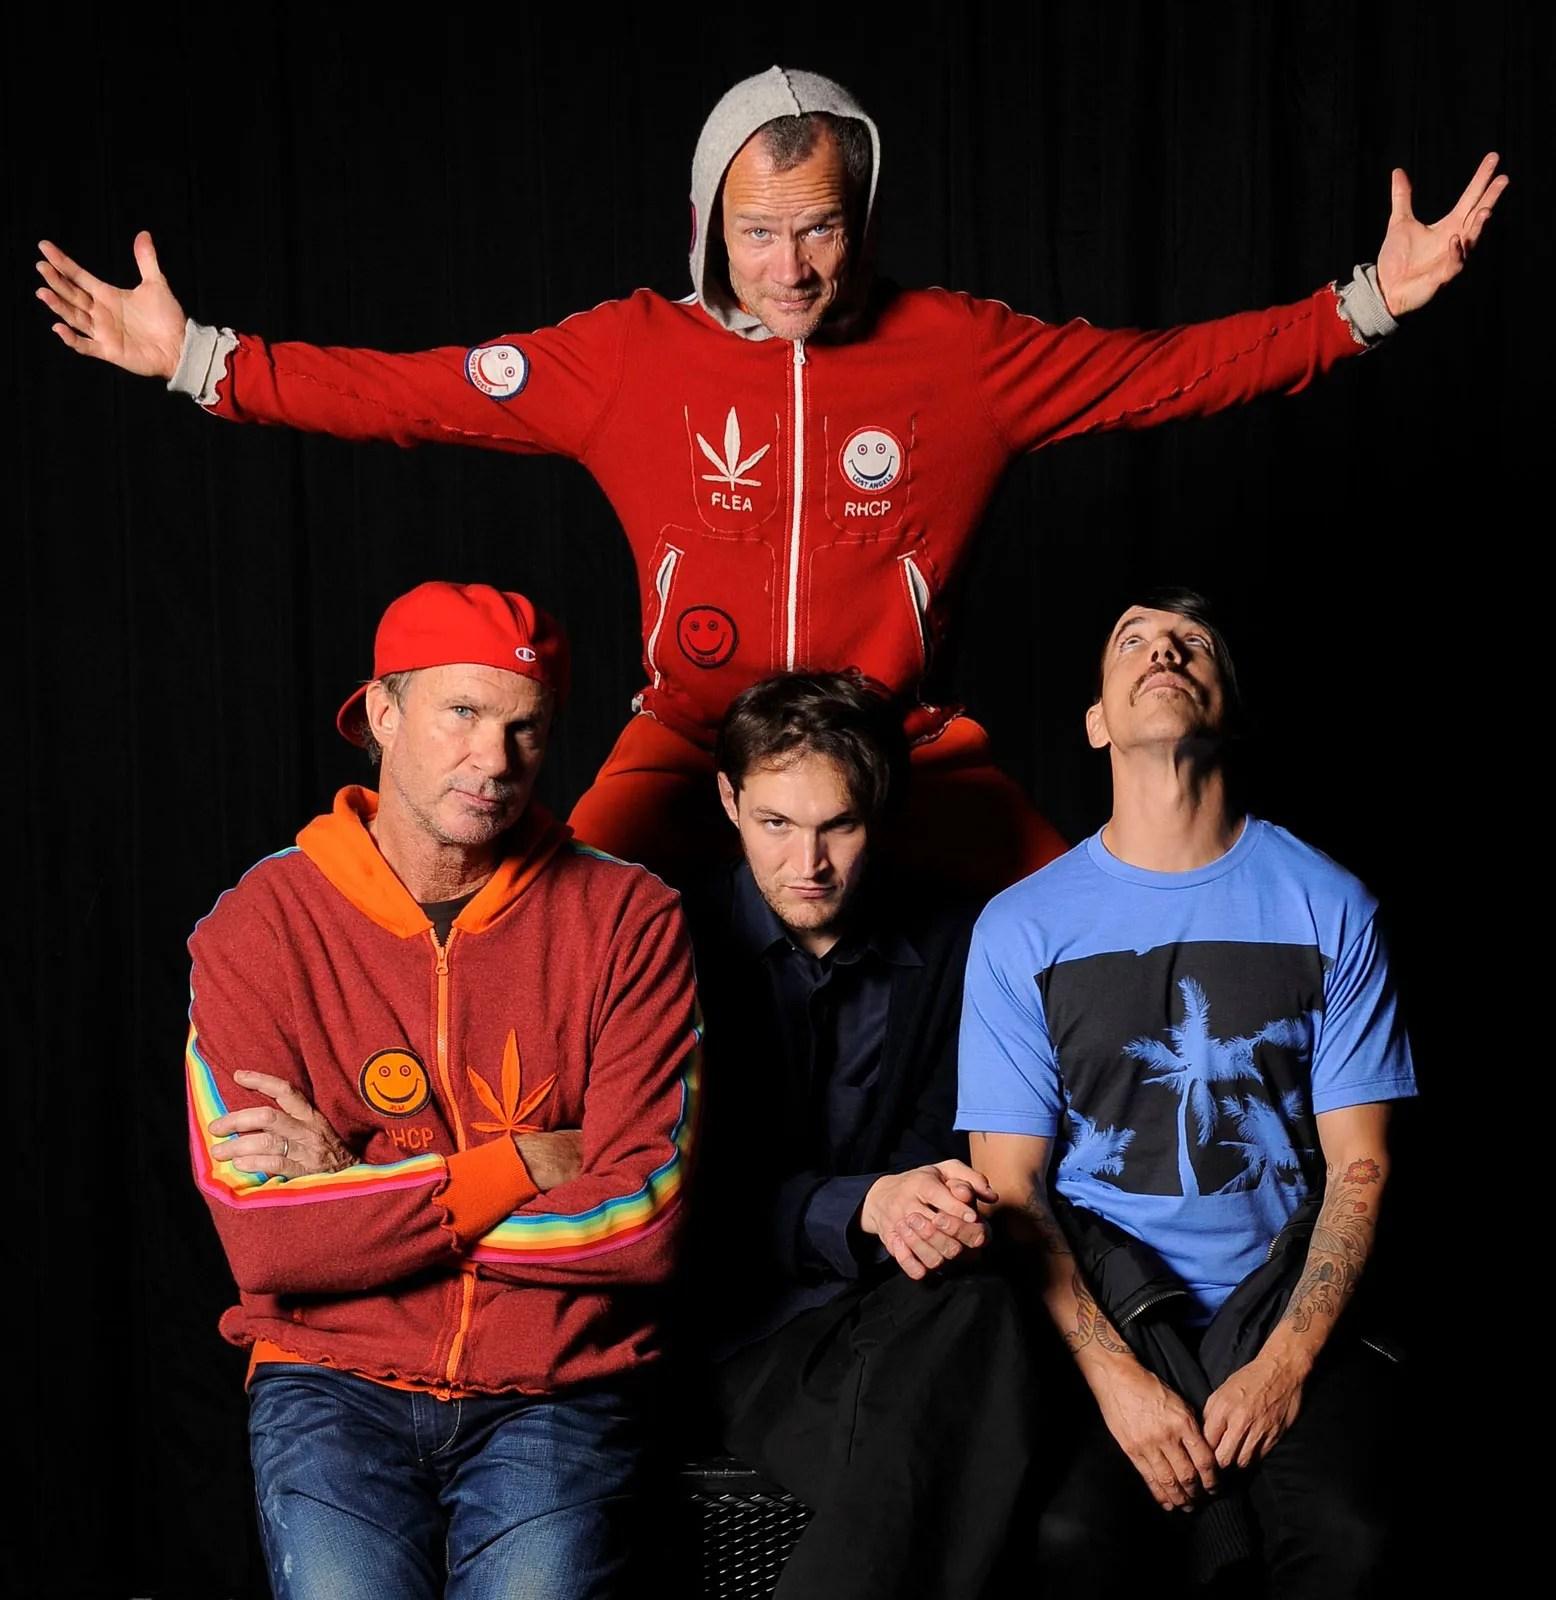 Red hot chili peppers (lebih dikenal rhcp) adalah kelompok musik rock berbasis di california yang didirikan oleh vokalis anthony kiedis, bassist michael. Red Hot Chili Peppers   Members, Songs, & Facts   Britannica